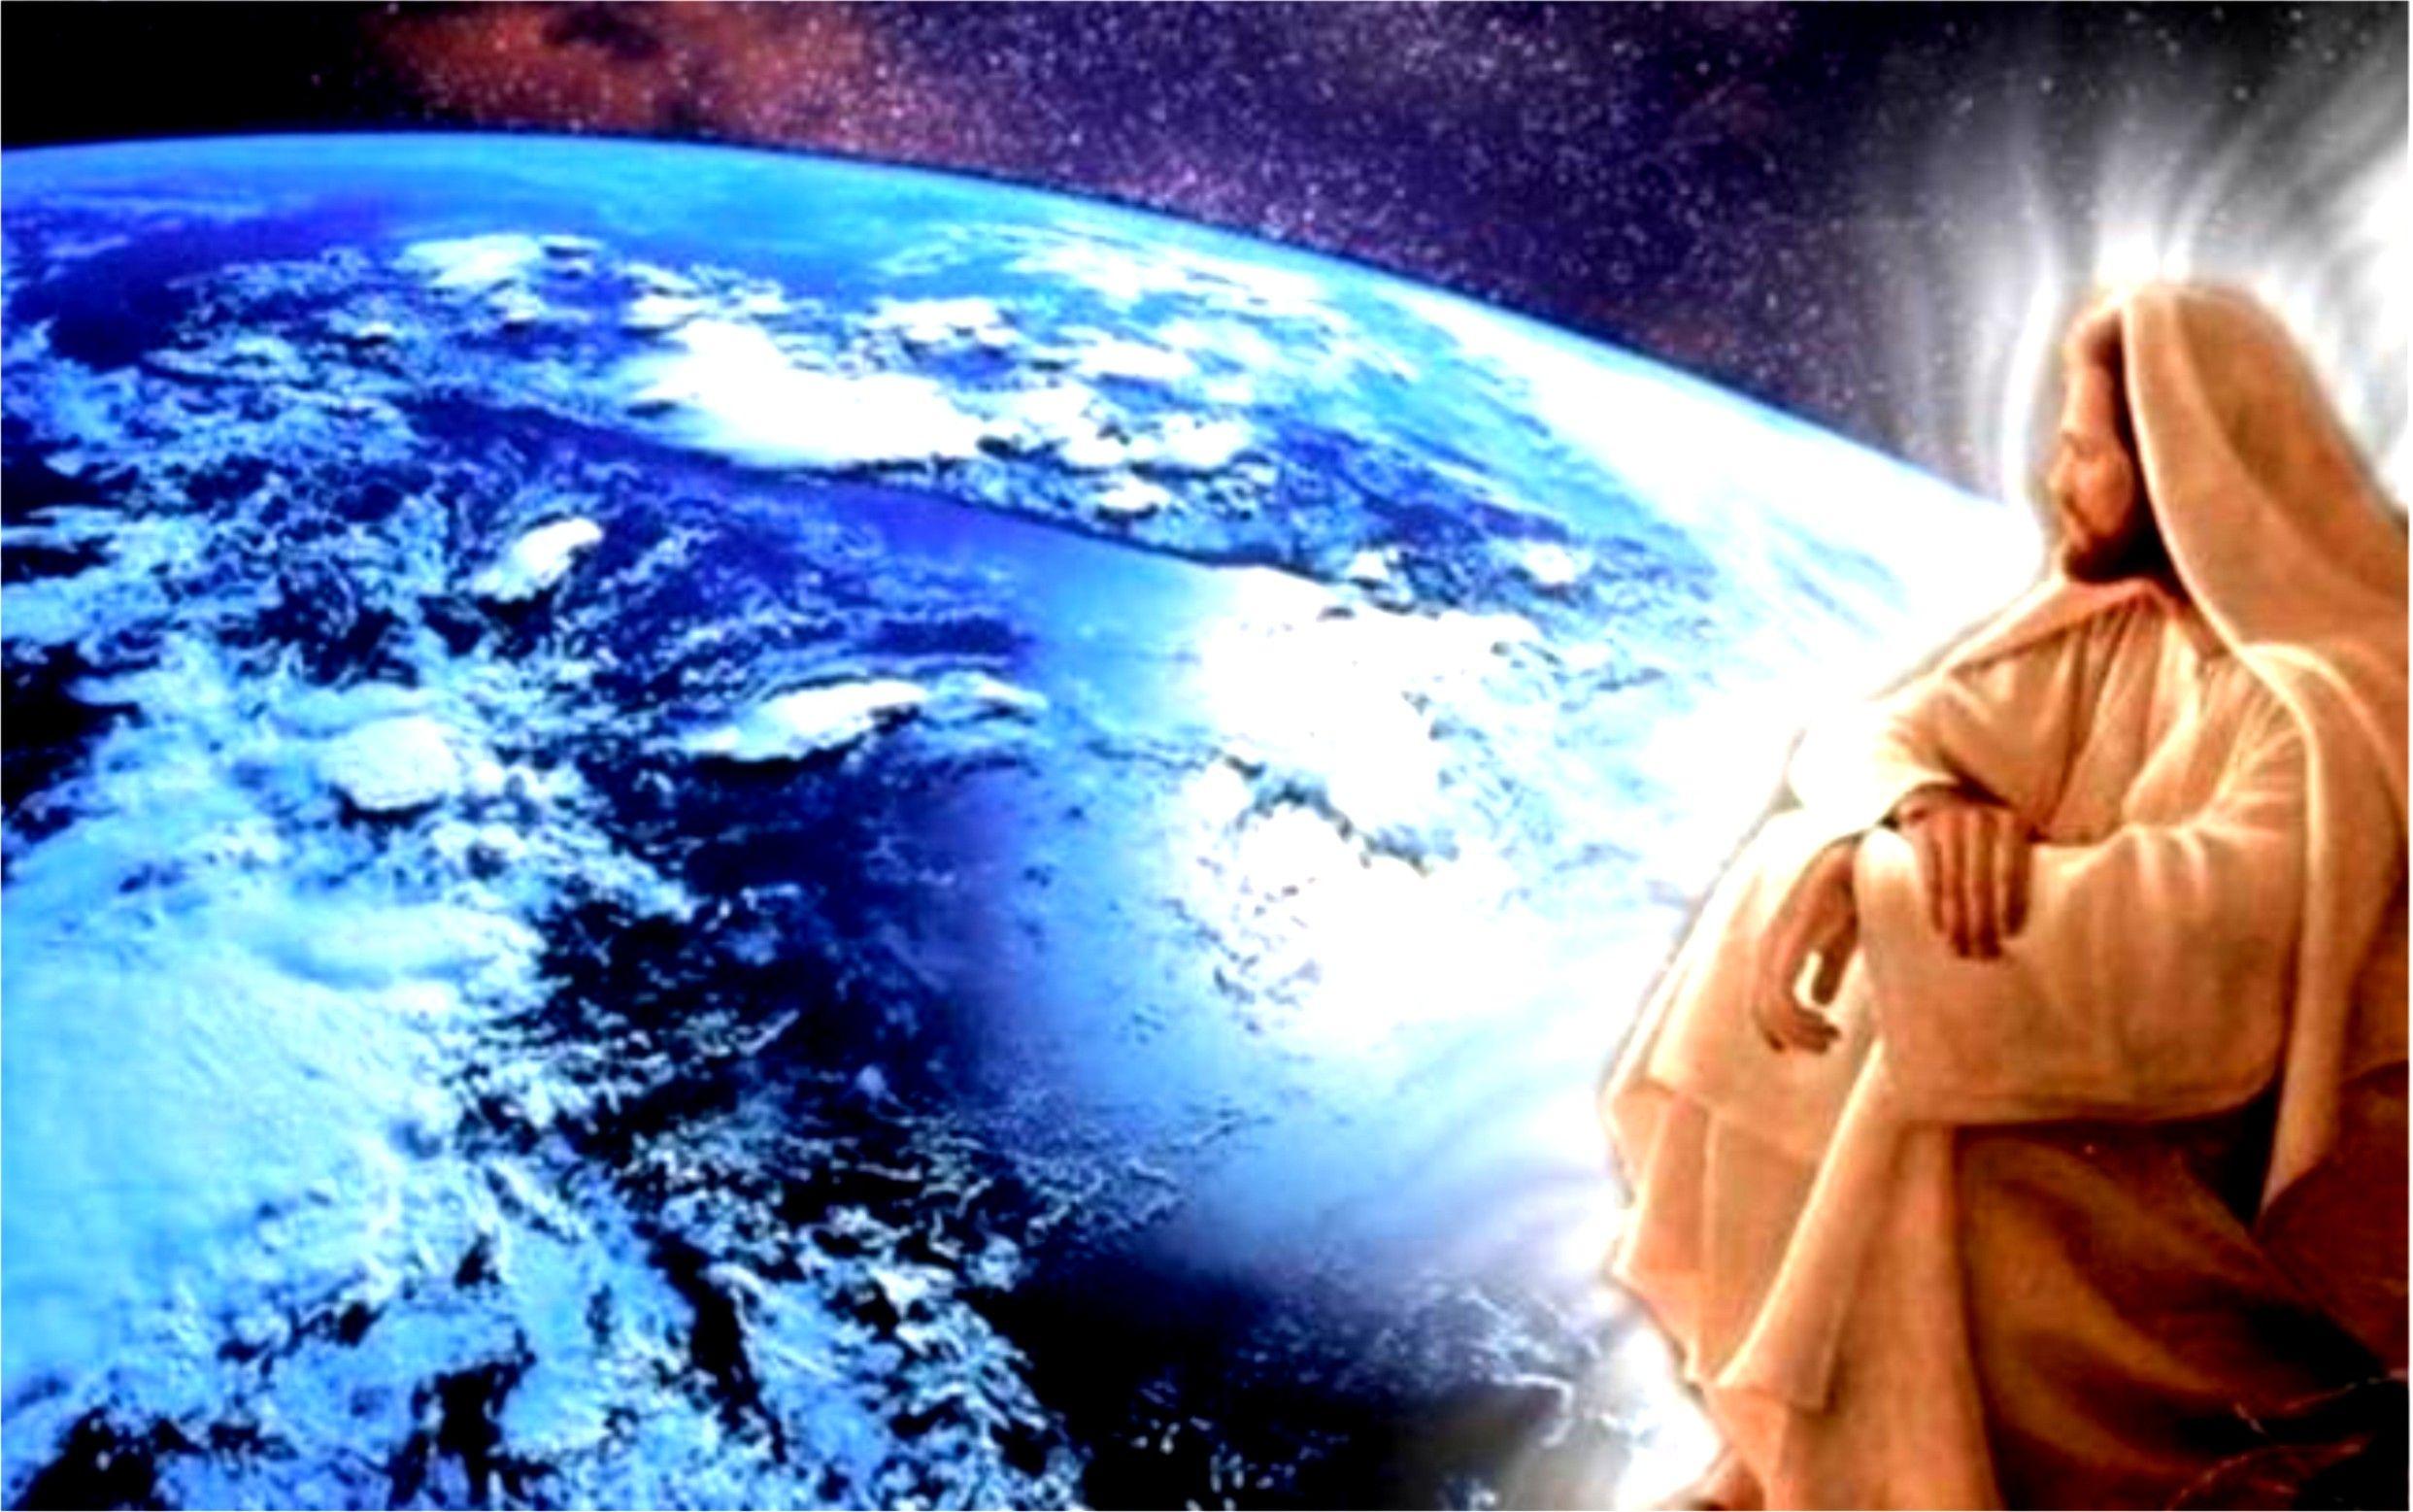 Jesus,nós olha e nós guarda lá do alto.  Para que não tropeçámos,e nem desviemos de suas pegadas.  Ele deixa-nos,as instruções,e lições de fé,de coragem;  A Santa Biblia,a palavra de Deus.  E o que Ele quer de nós,e o que Ele nós deixou como exemplo.  Morrendo na Cruz,para que vivesse-mos,e para ir com Ele.  Ao lugar que foi preparar para nós!  Amem!